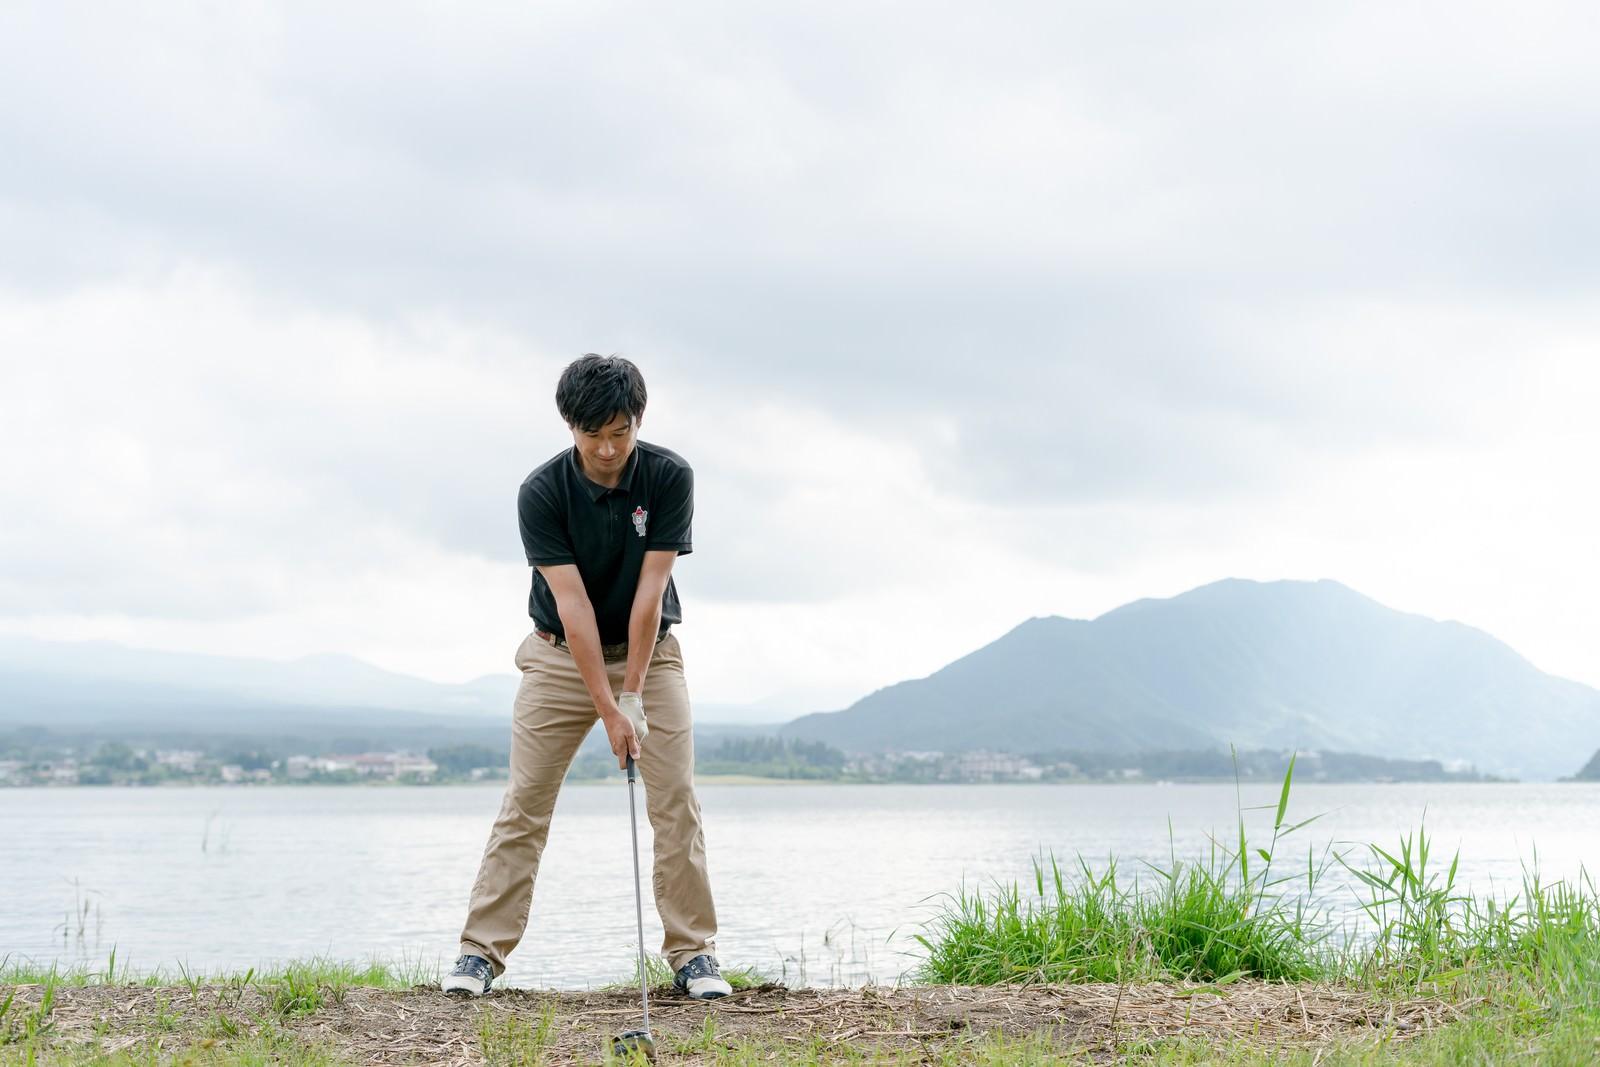 「ゴルファーの正しいアドレス(クラブを下に置いて止まっている状態) | 写真の無料素材・フリー素材 - ぱくたそ」の写真[モデル:サカモトリョウ]